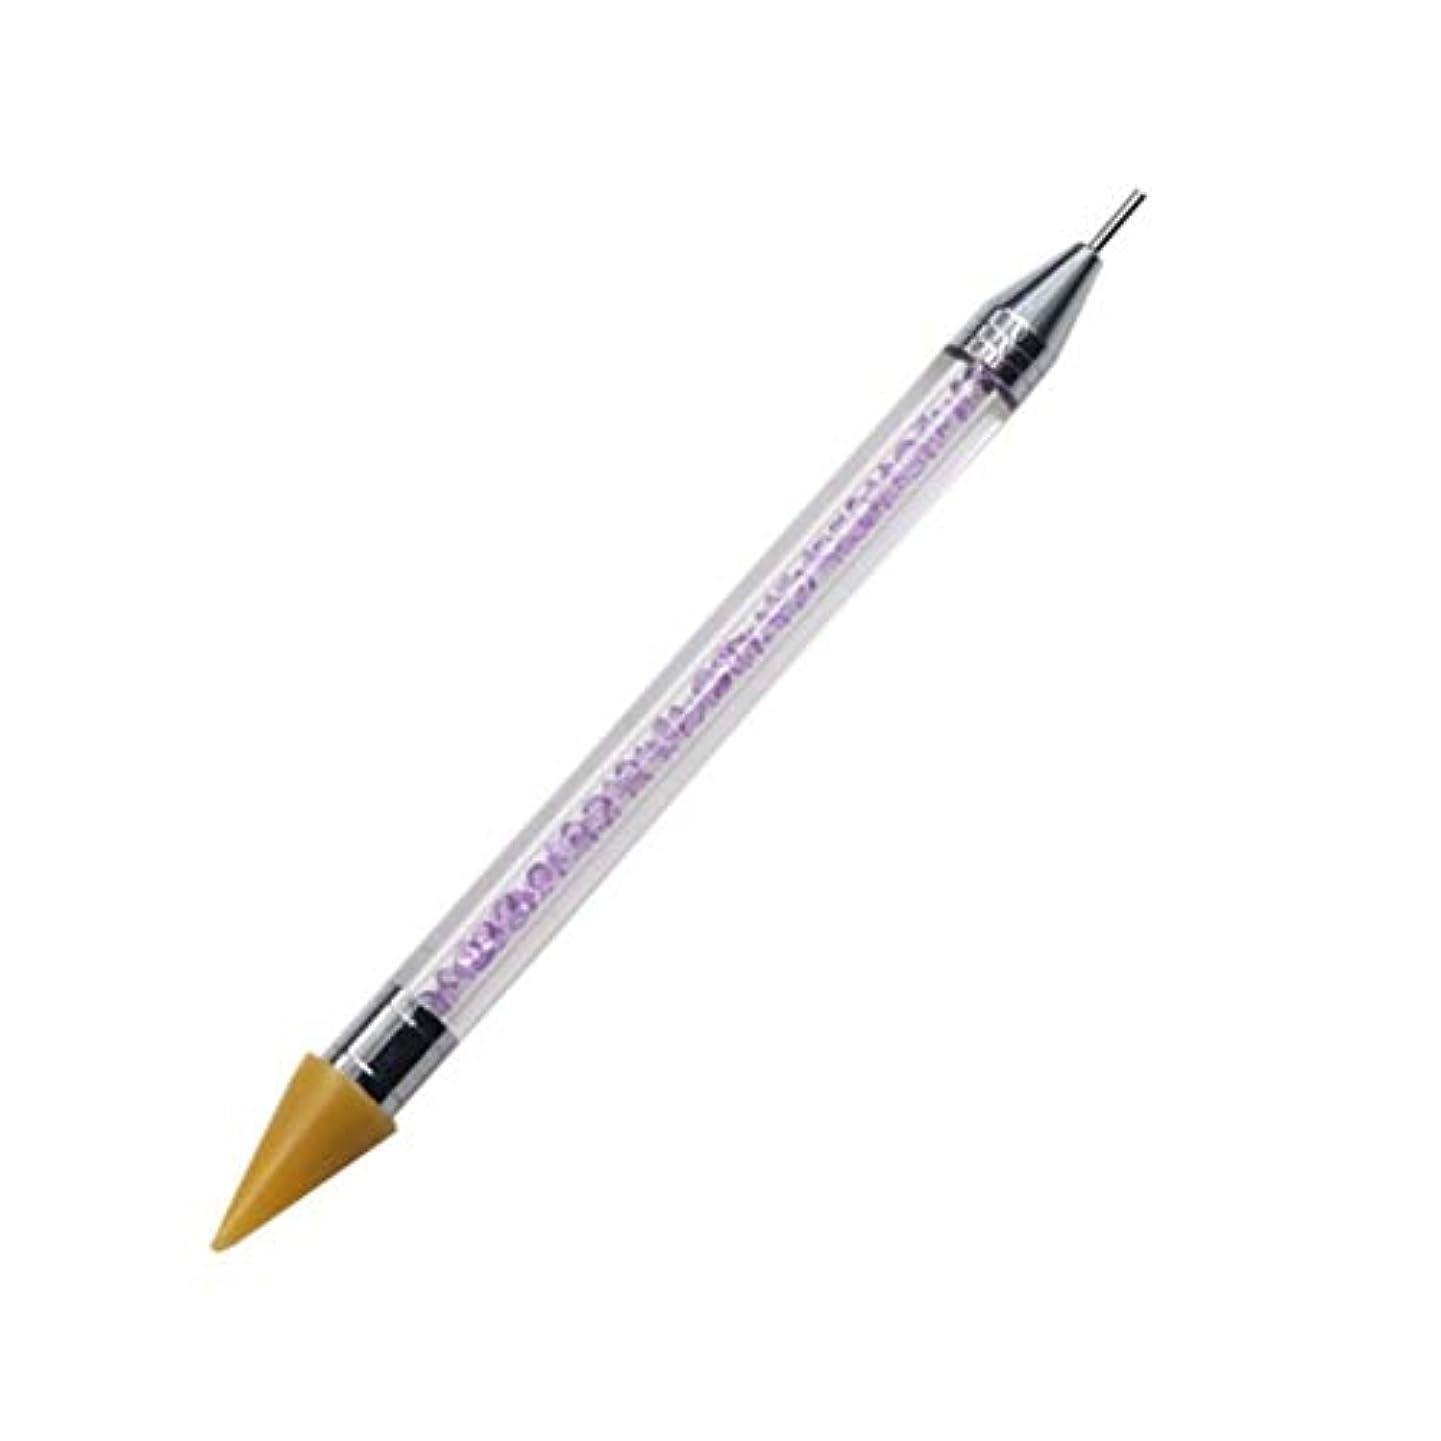 楽な会計士開発ネイルペン DIY デュアルエンド 絵画ツール ペン ネイル筆 ネイルアートペン ネイルアートブラシ マニキュアツールキット ネイルツール ネイル用品 ラインストーンピッカー点在ペン マニキュアネイルアート DIY 装飾ツール